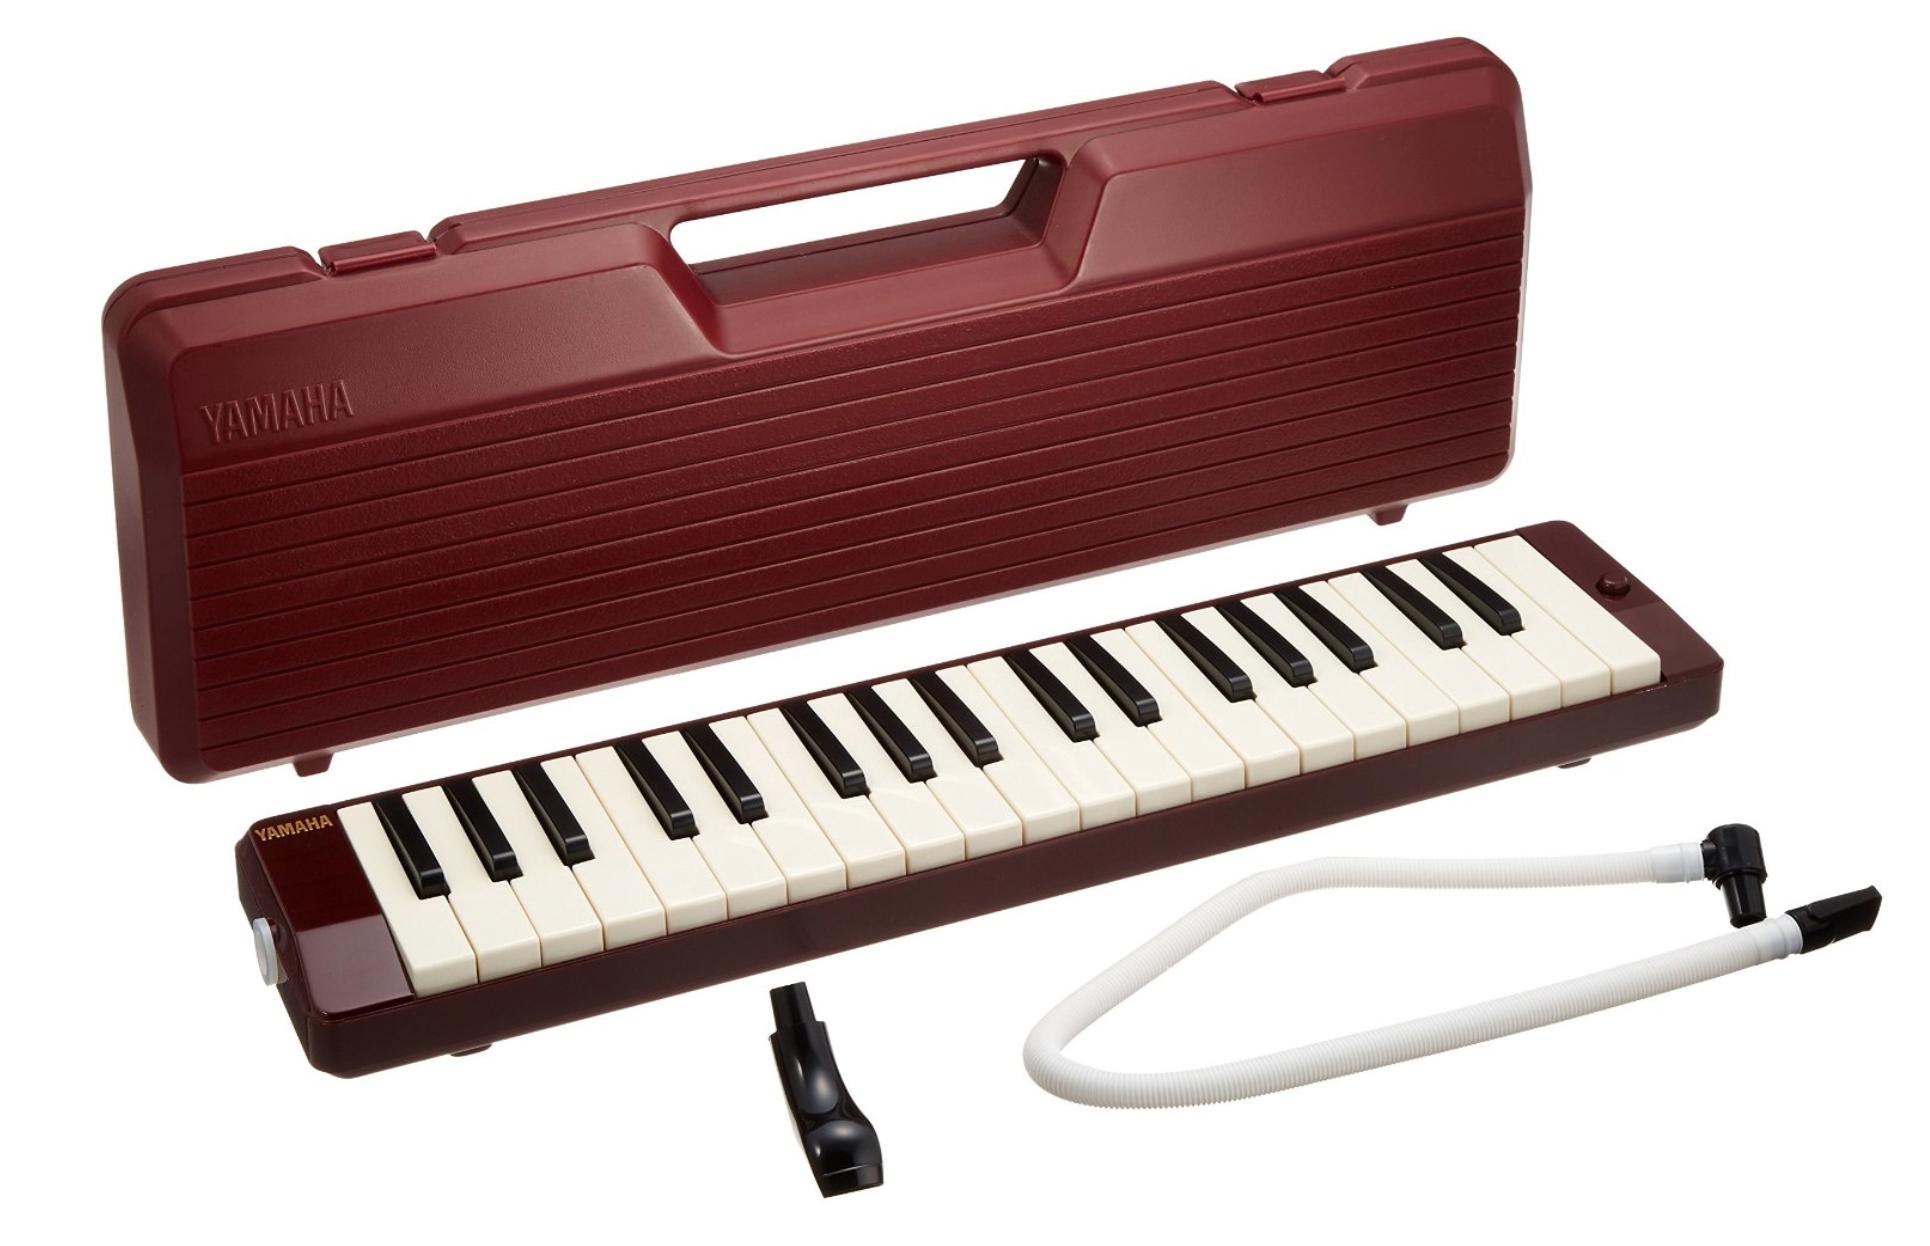 Yamaha Pianica P37D